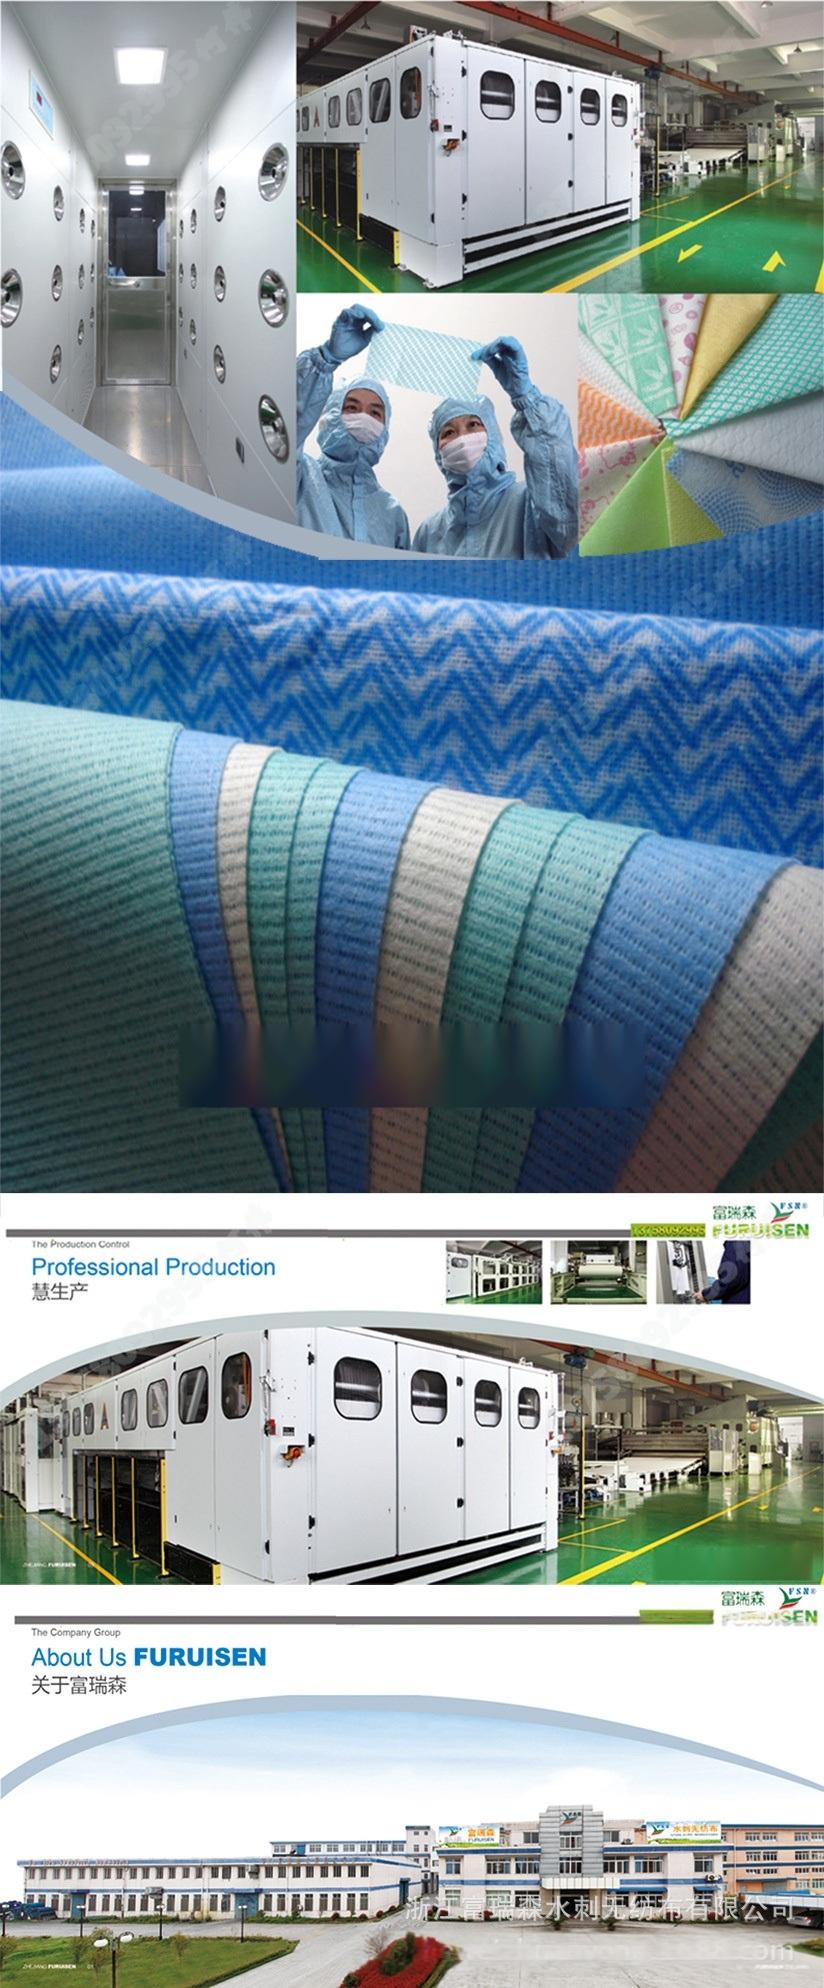 布料產品詳細簡介底圖3(824寬度)